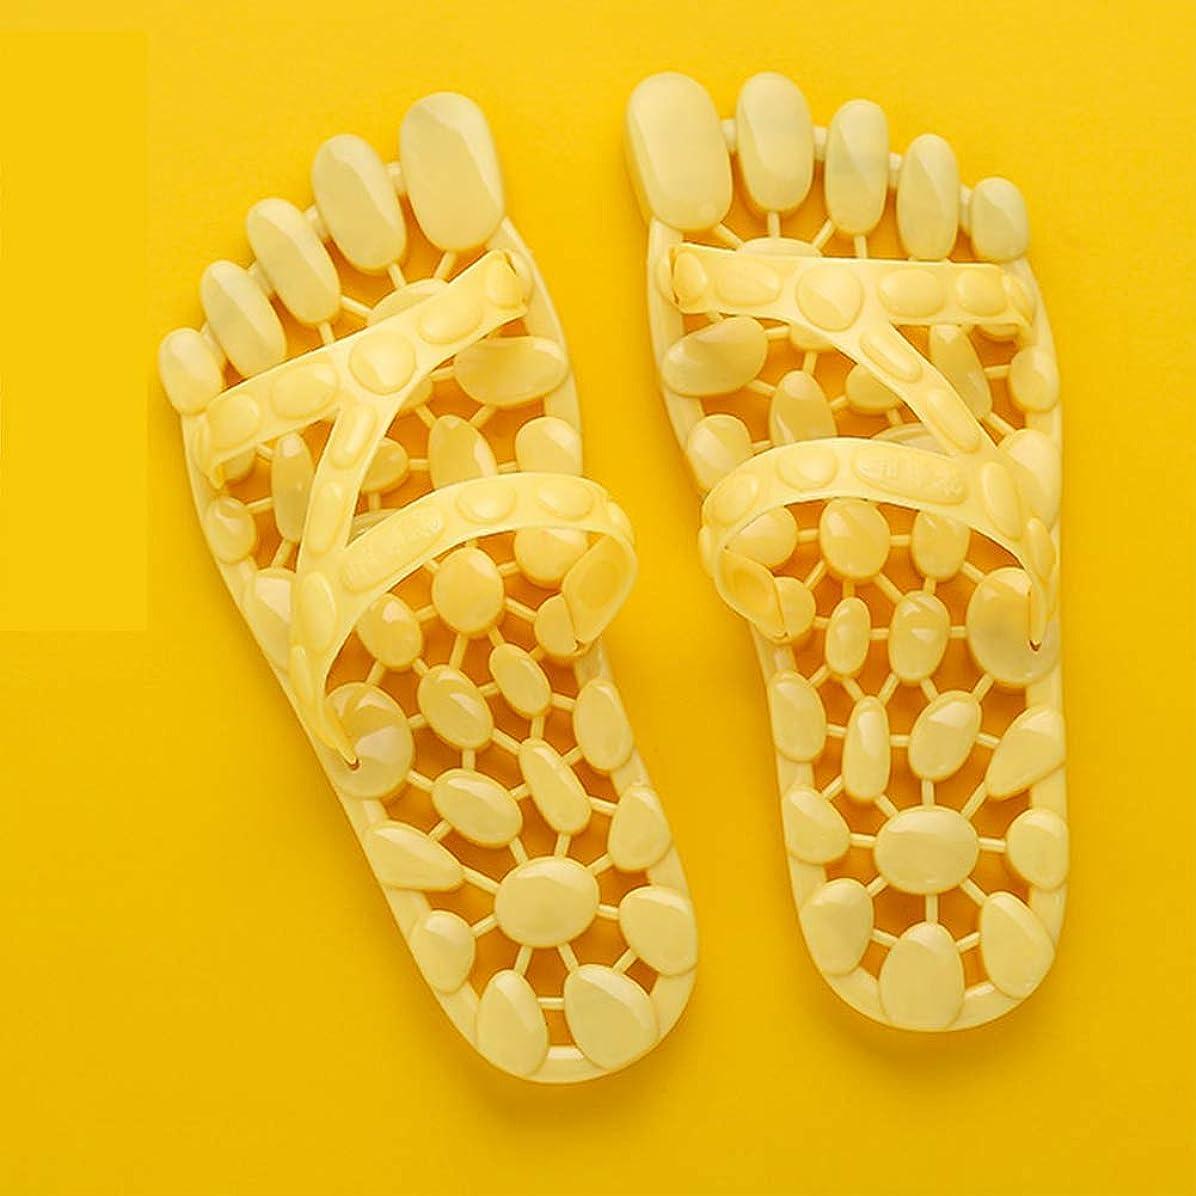 自治病弱音楽マッサージスリッパpvc中空デザインを軽減するために足底筋膜筋肉関節痛足の健康足マッサージ浴室ホームマッサージ靴,Yellow,M